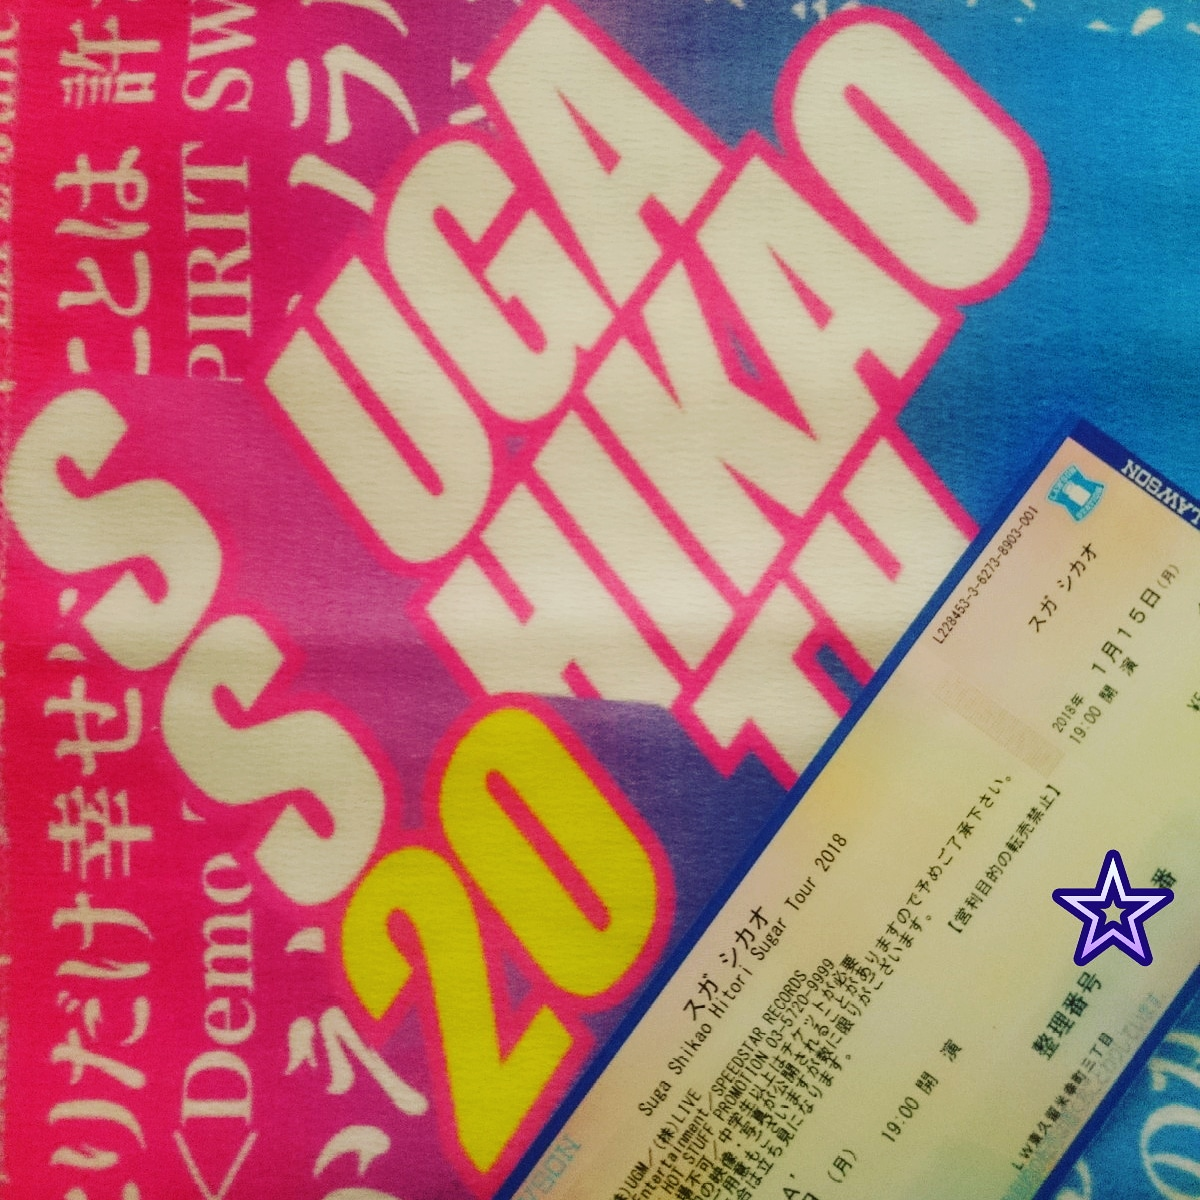 Hitori Sugar Tour 2018